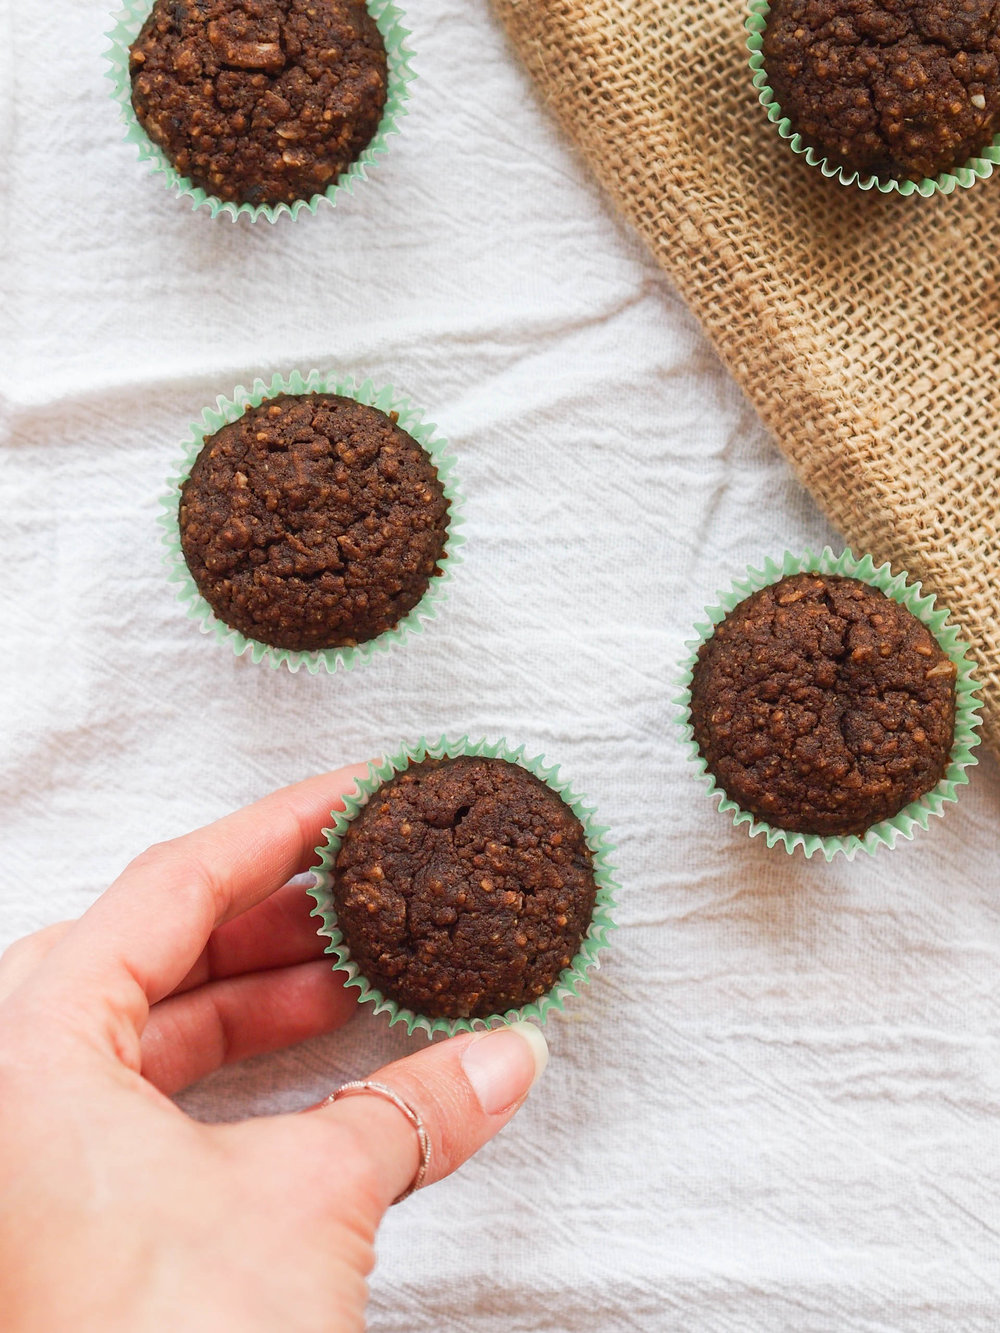 Chocolate Quinoa Coconut Cupcakes